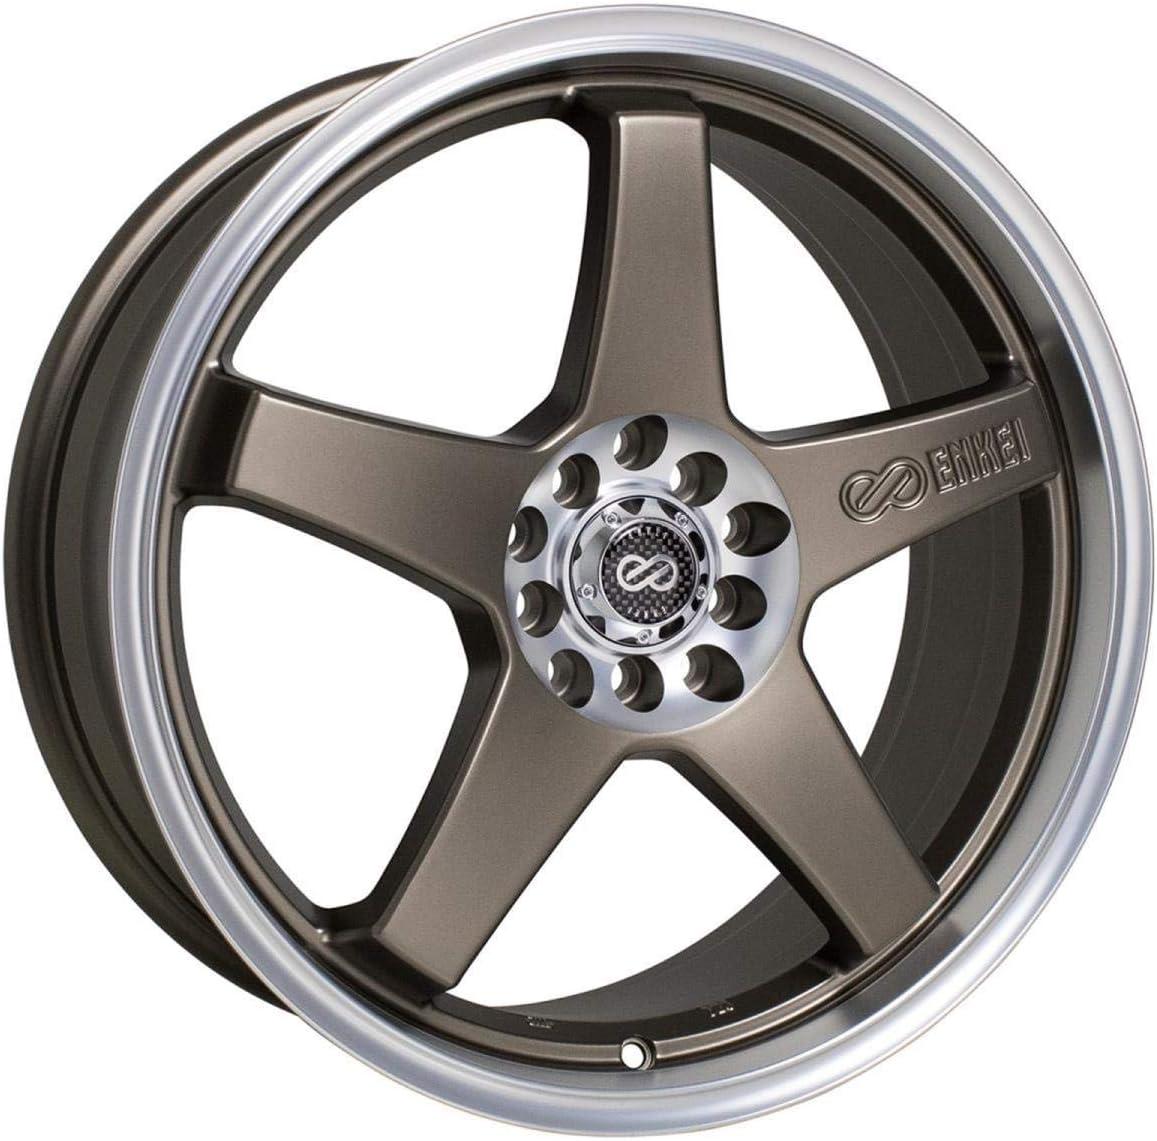 17x7 Enkei EV5 (Matte Bronze w/ Machined Lip) Wheels/Rims 5x100/114.3 (446-770-0245ZP)